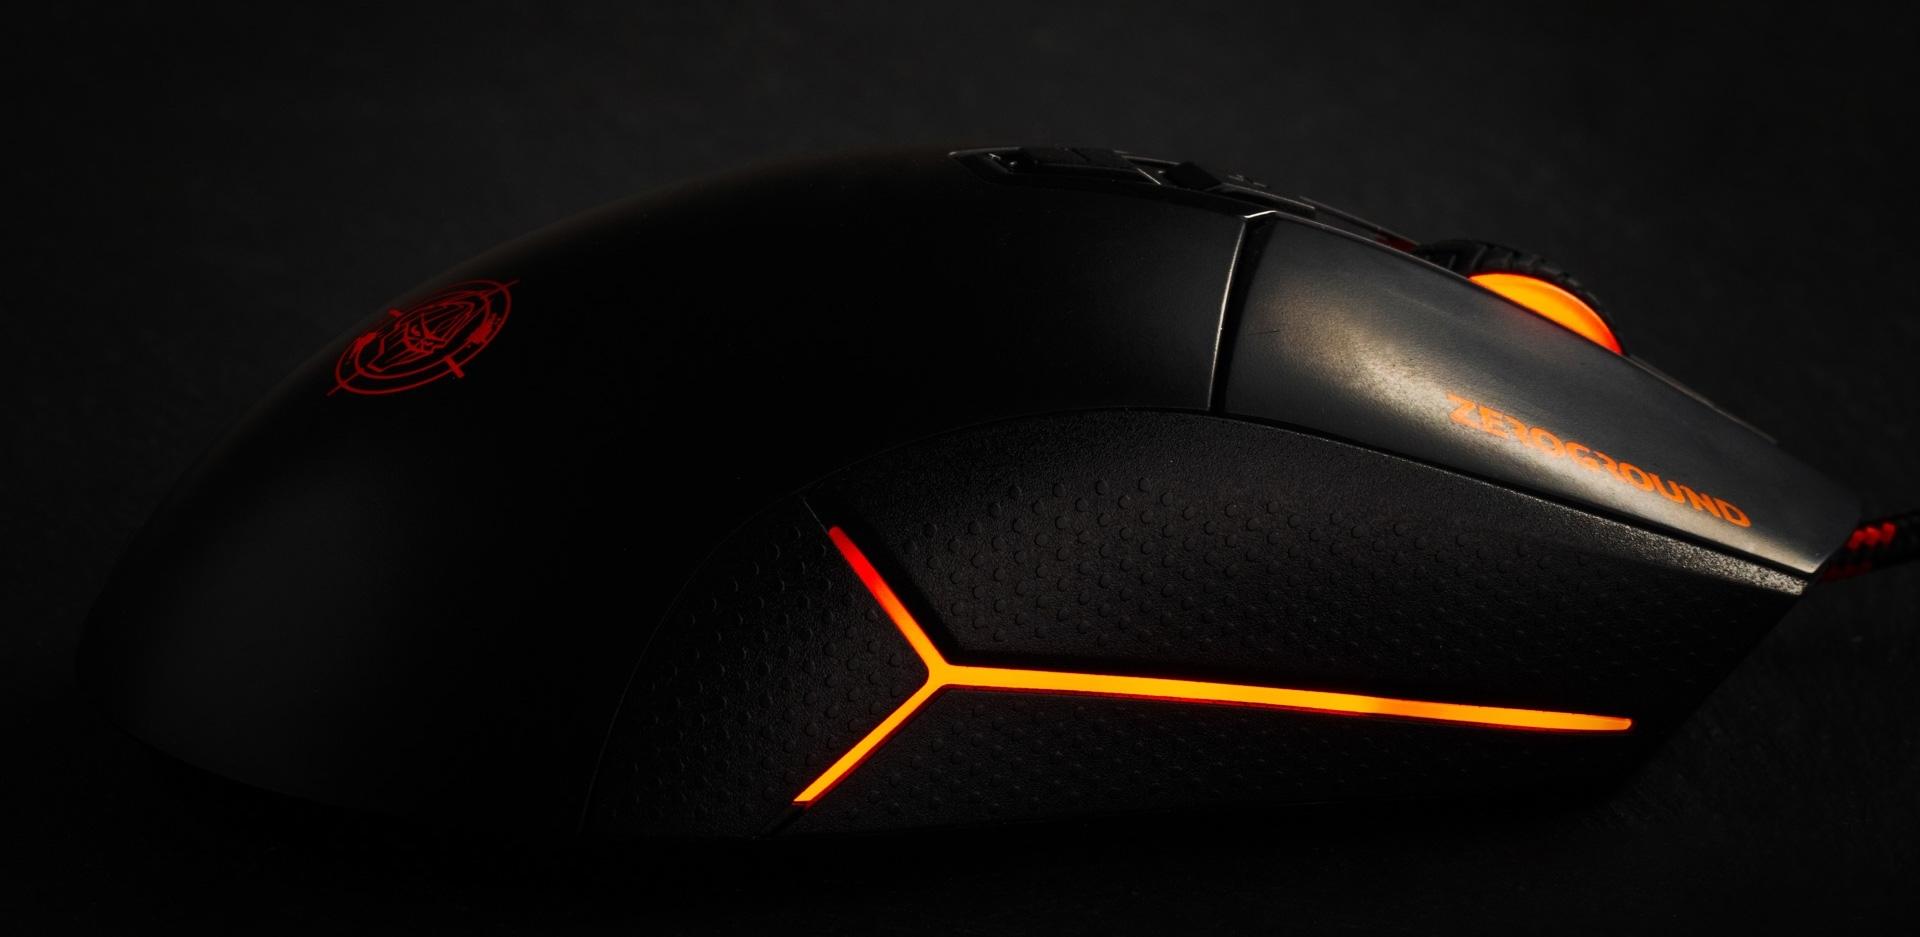 ZeroGround Daito - Gaming mouse